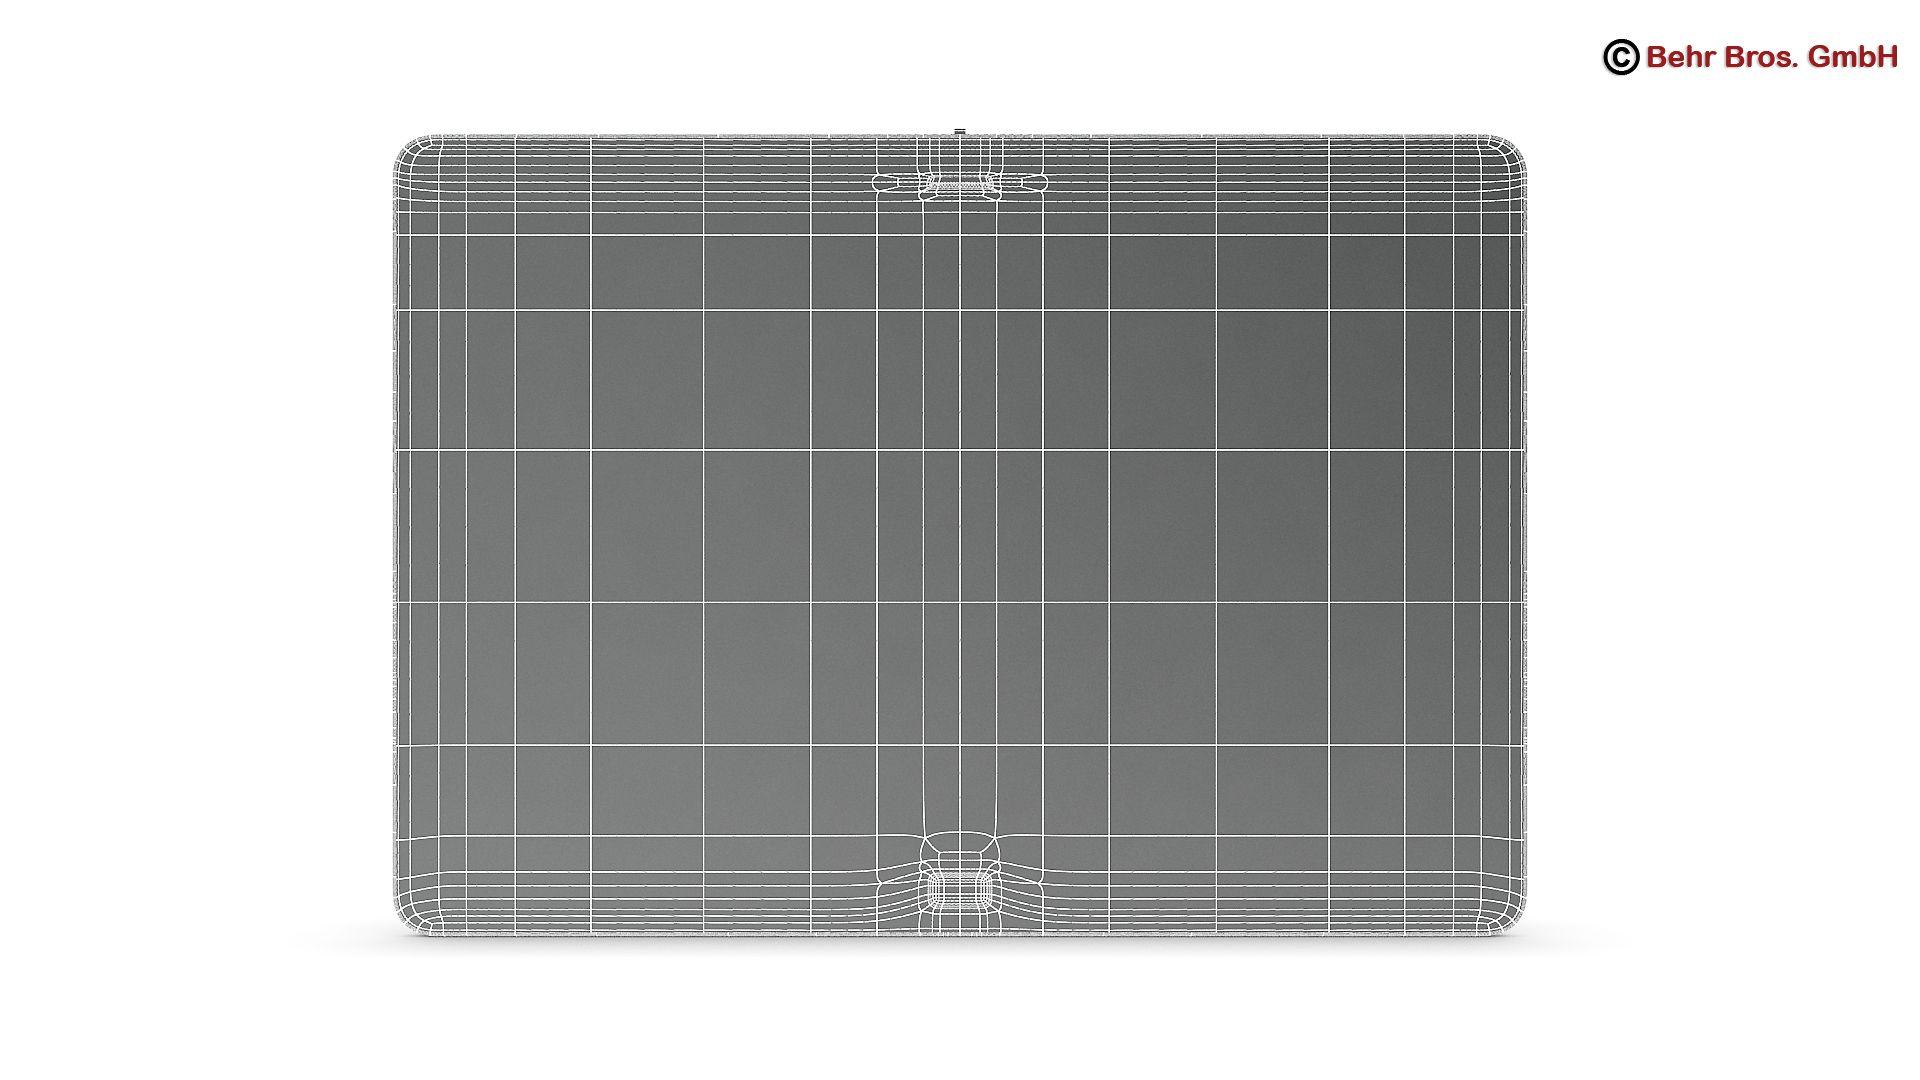 generic tablet 10.1 inch 3d model 3ds max fbx c4d lwo ma mb obj 162890